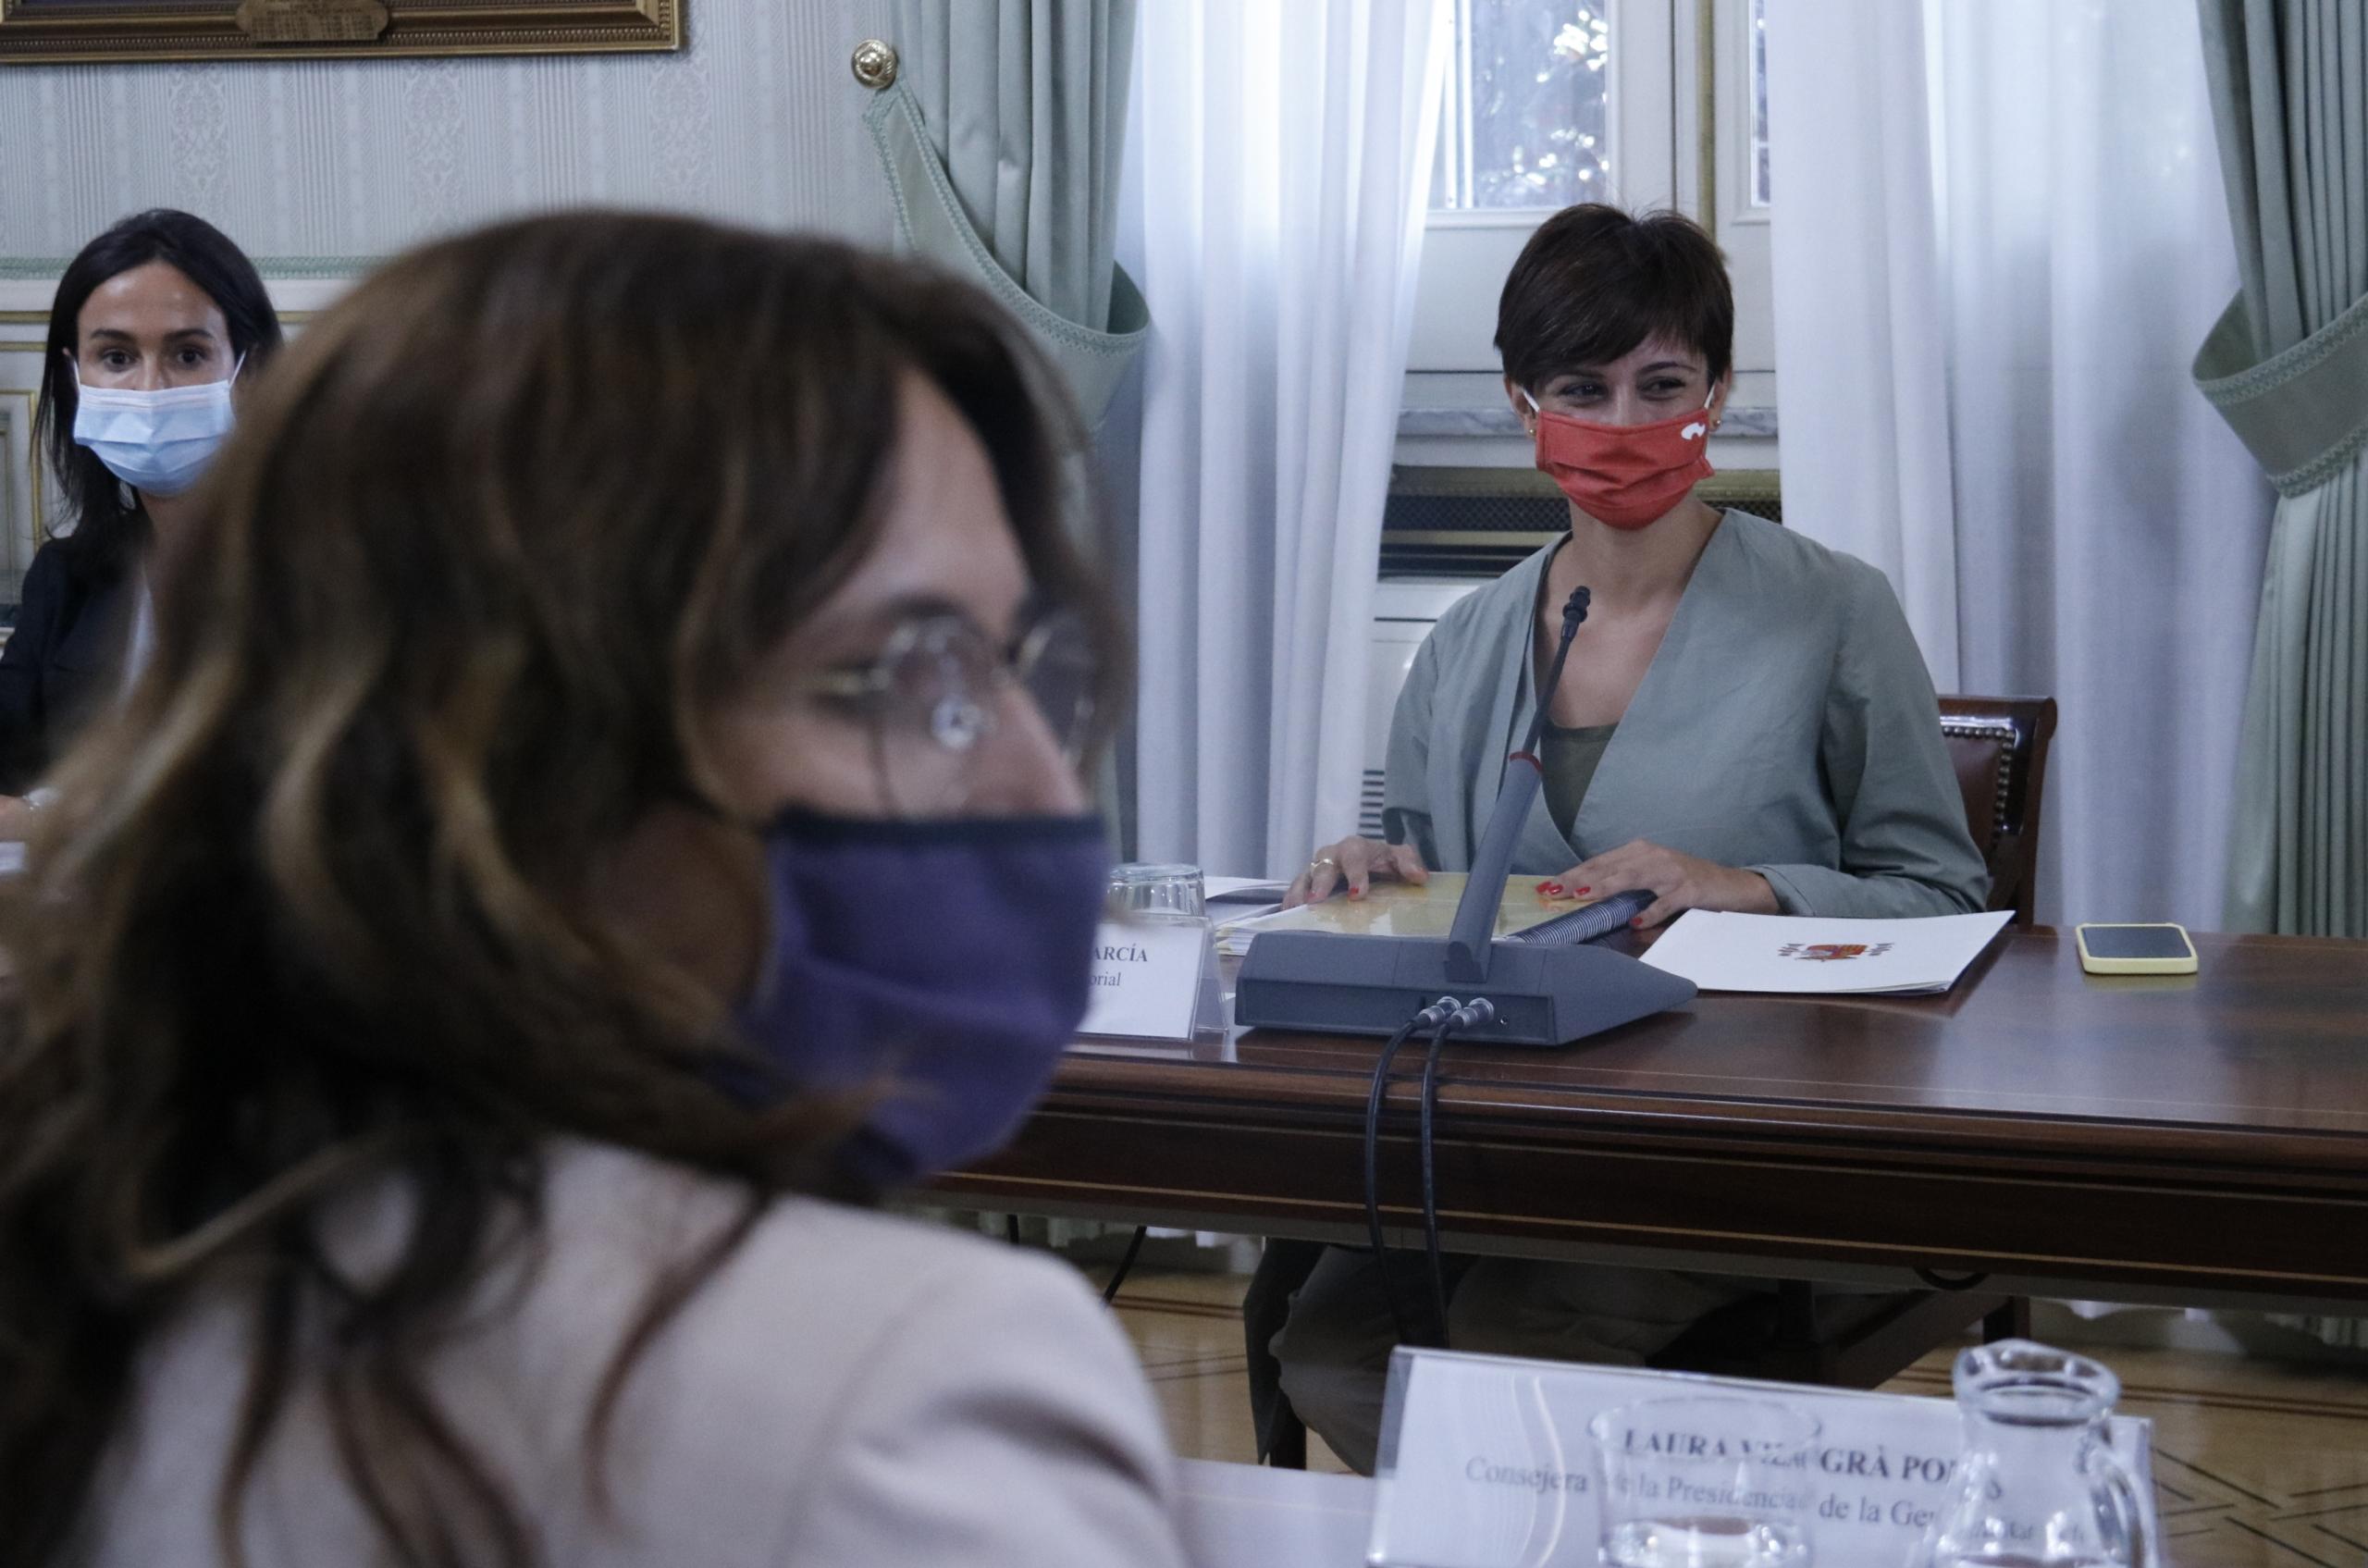 La ministra de Política Territorial i Funció Pública, Isabel Rodríguez, asseguda davant de la consellera de Presidència, Laura Vilagrà, durant la Comissió Bilateral Estat-Generalitat del 2 d'agost de 2021 / ACN